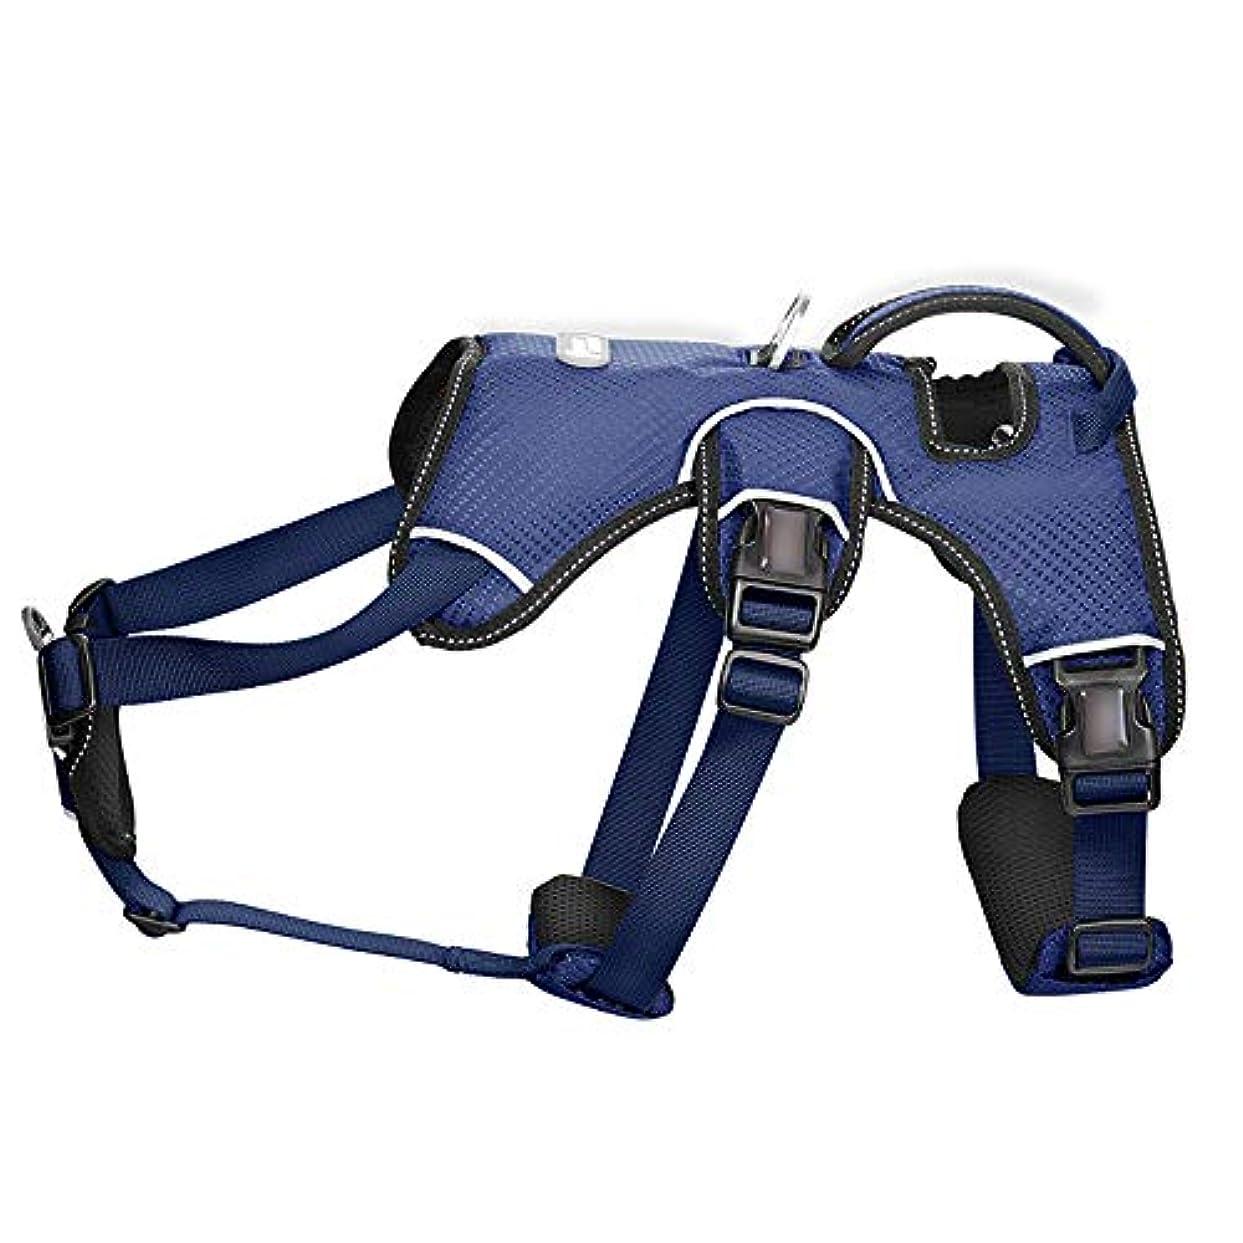 援助ドラム到着やわらかいペットスリング、反射性素材、小型犬用の強力なオックスフォード外層を備えたドッグハーネス,Blue,S